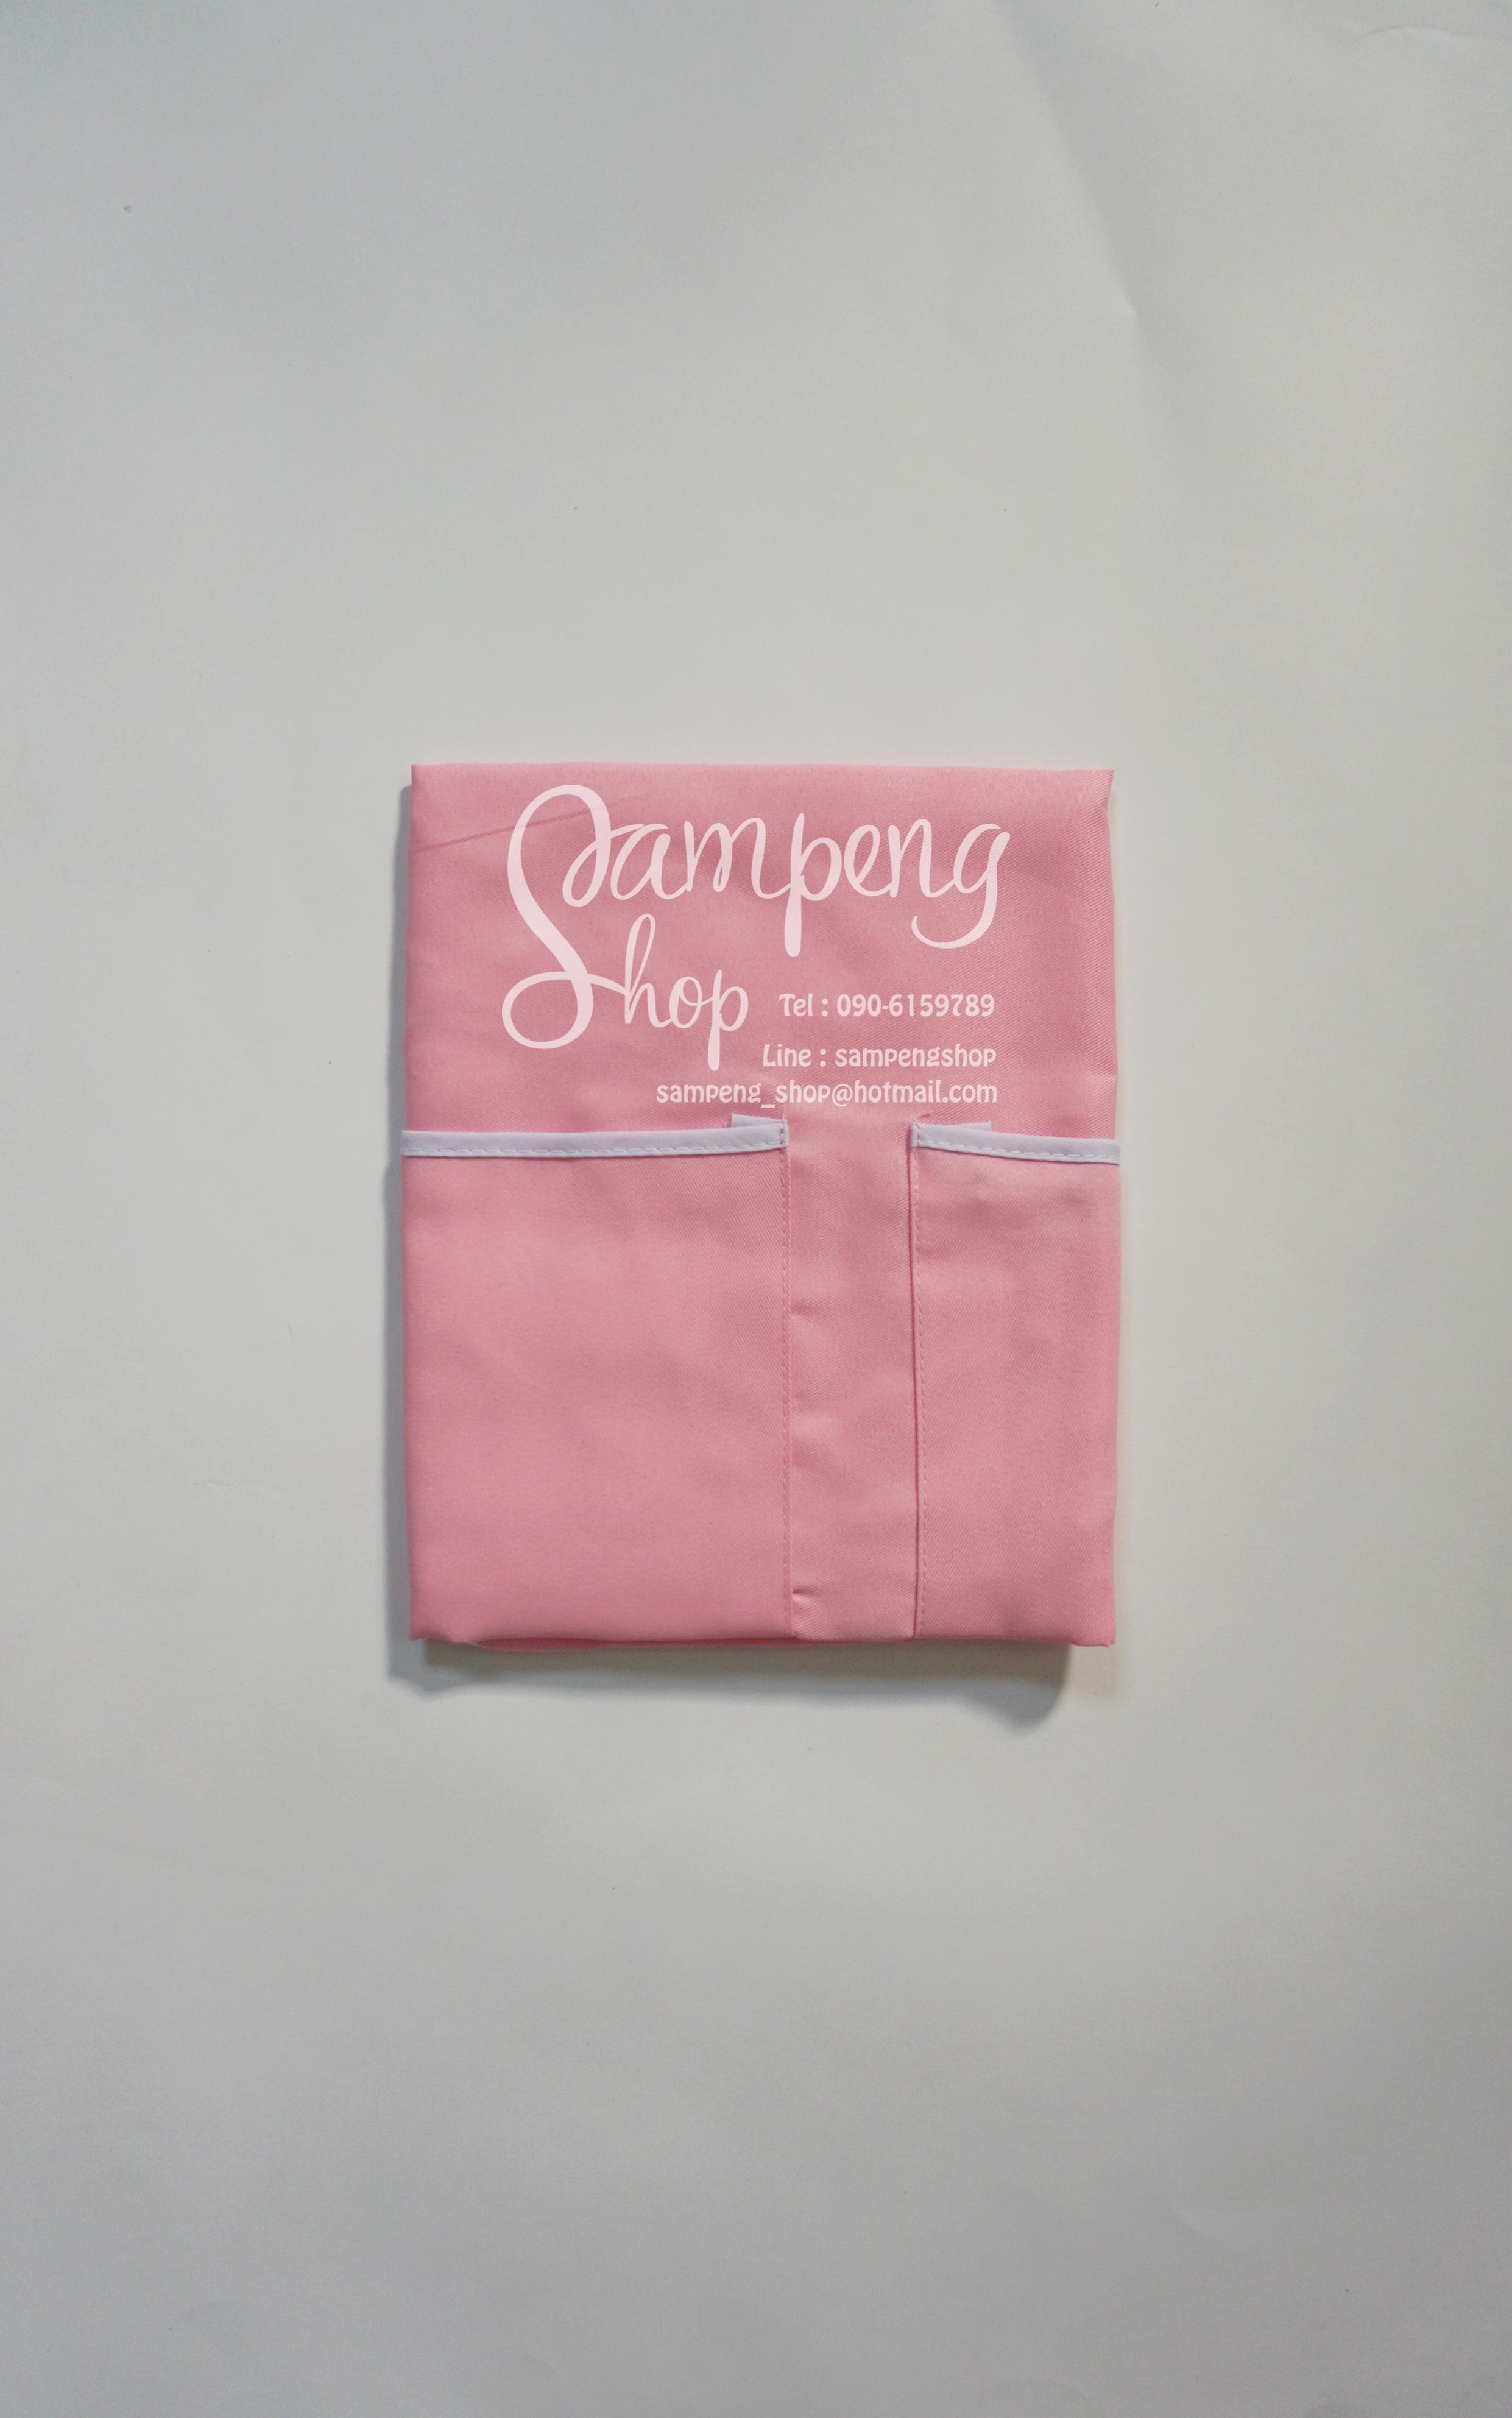 ผ้ากันเปื้อน สีชมพูอ่อน